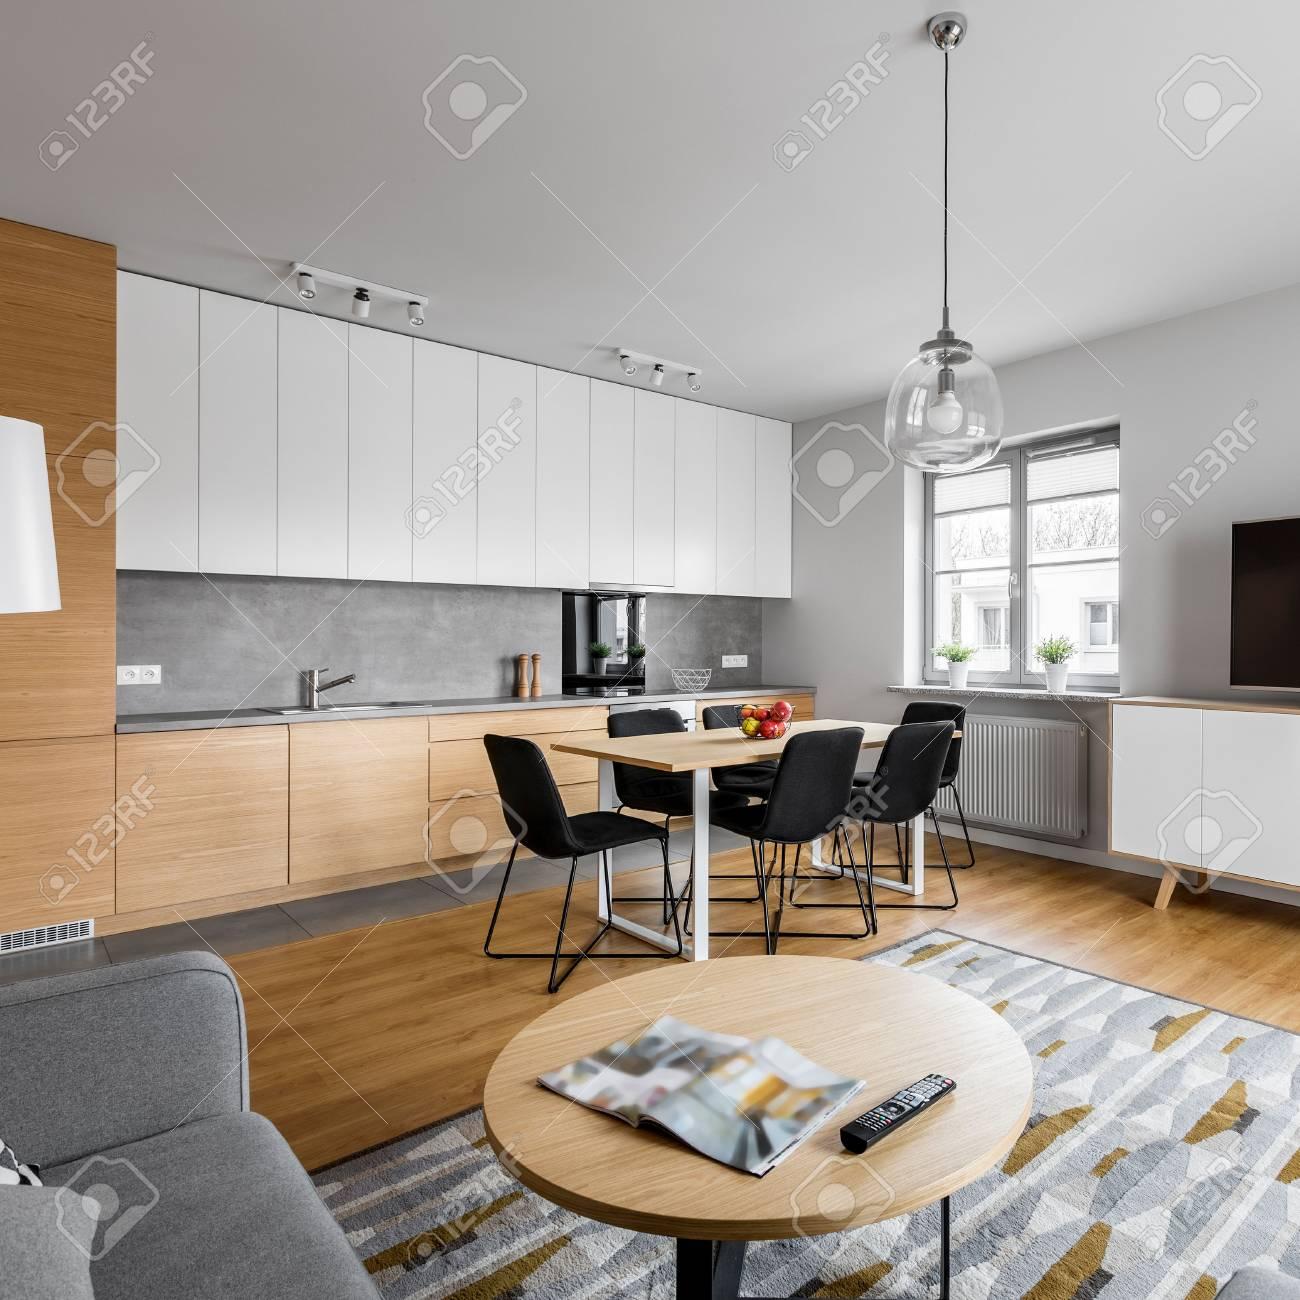 Cocina moderna de espacio abierto con salón y mesa redonda.